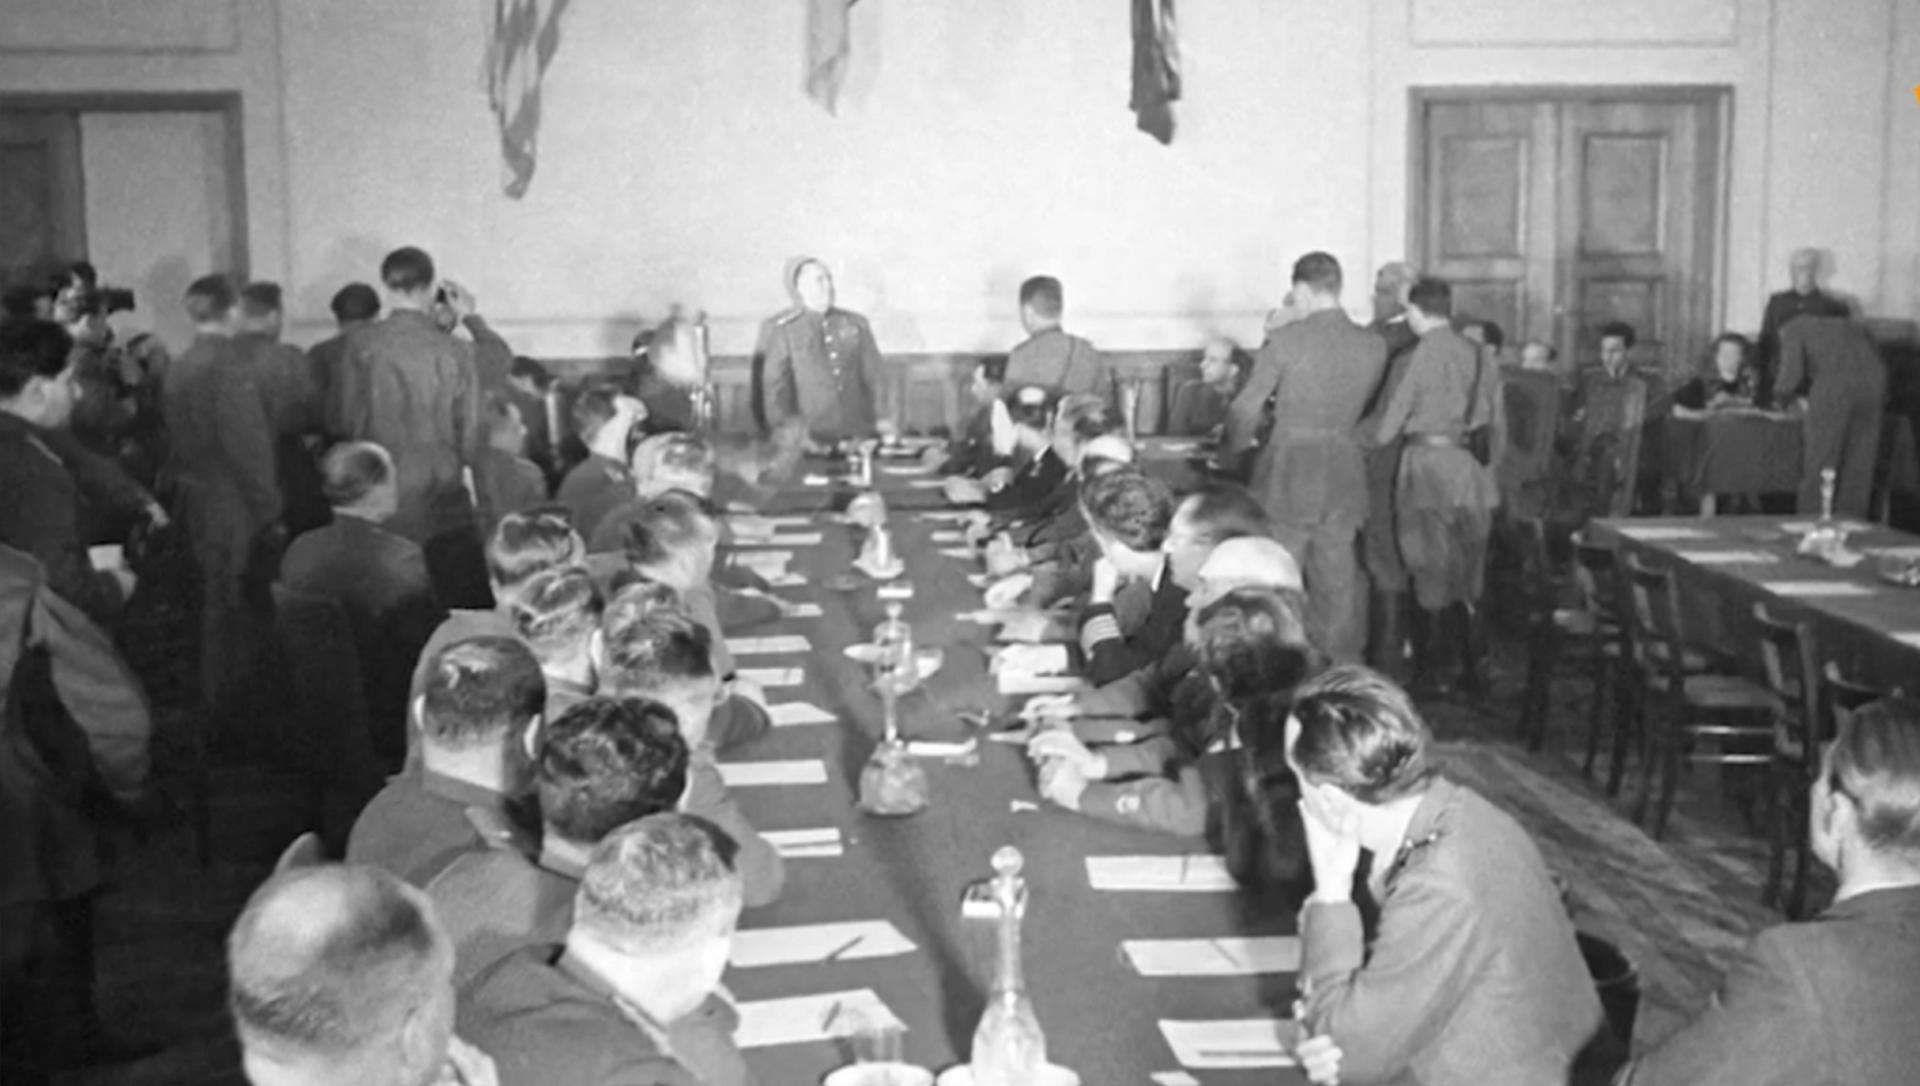 A 75 años de la capitulación de la Alemania nazi - Sputnik Mundo, 1920, 08.05.2020